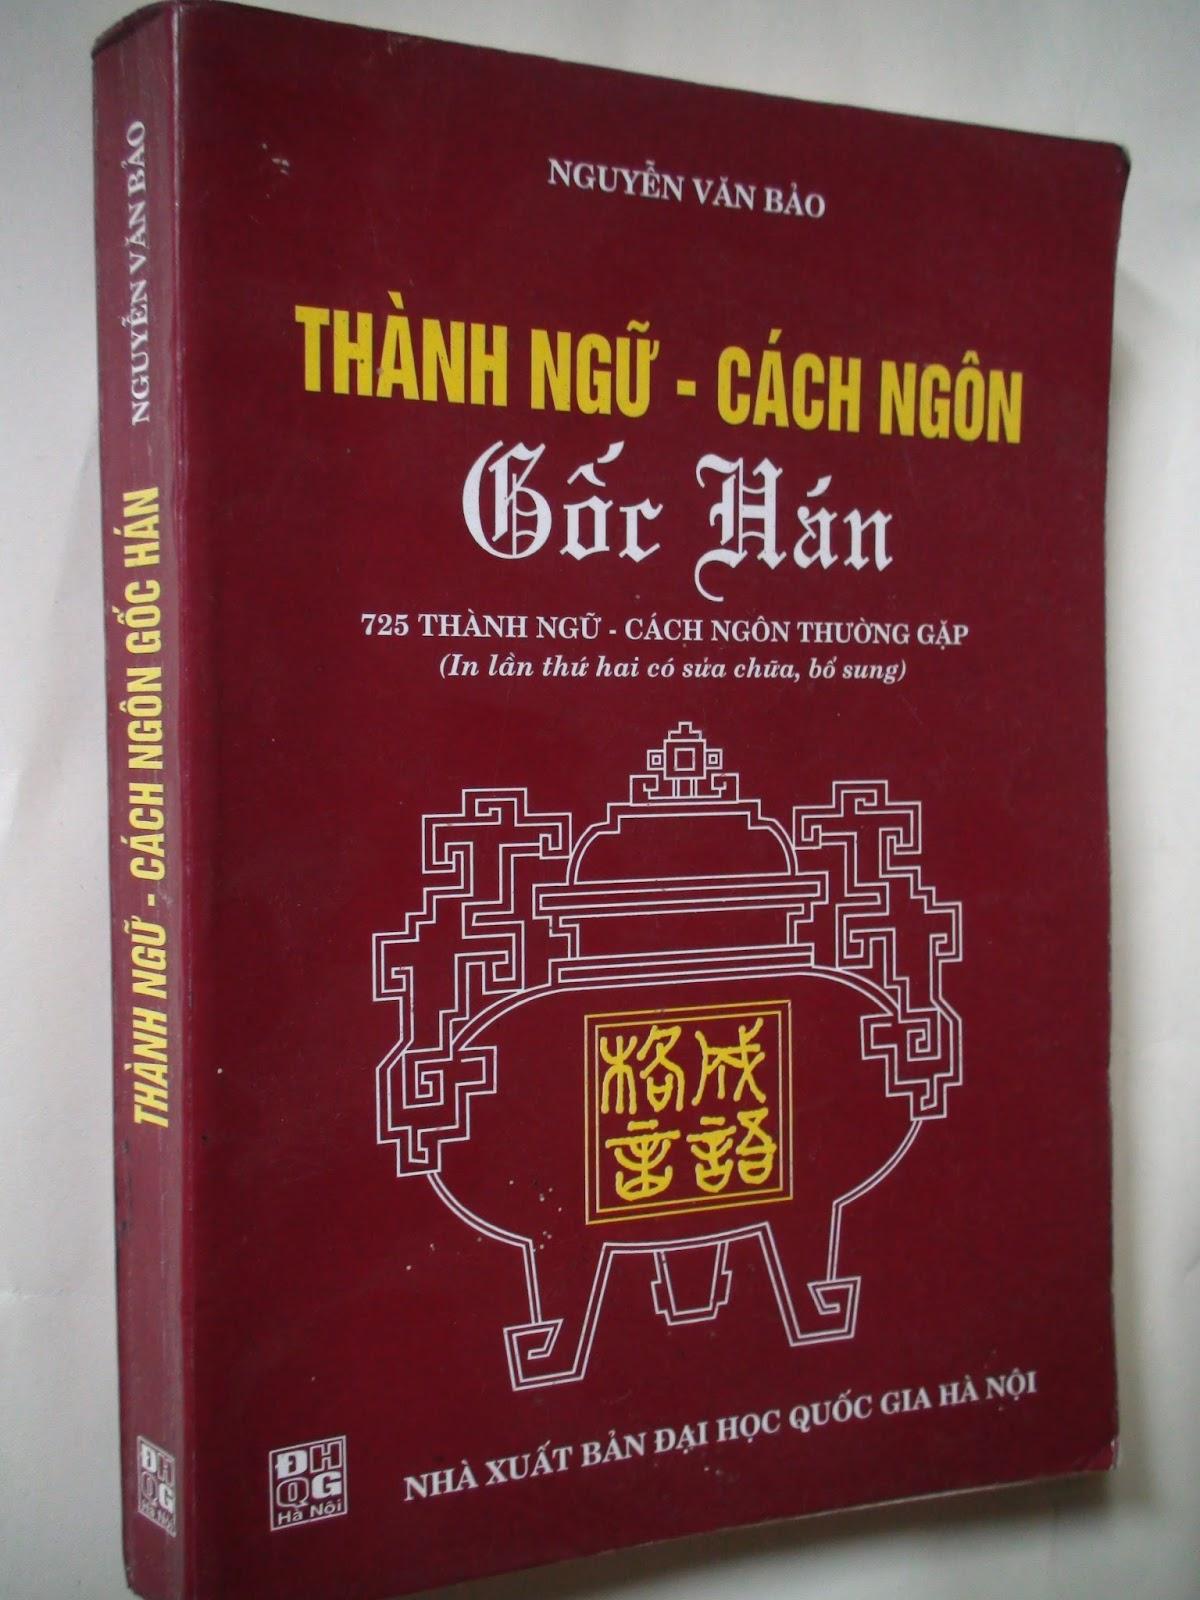 Trong một nhà sách tự chọn ở Thành phố Thanh Hoá, tôi tìm thấy cuốn \u201cThành ngữ cách ngôn gốc Hán\u201d của Nguyễn Văn Bảo-Nhà xuất bản Đại học Quốc gia Hà ...